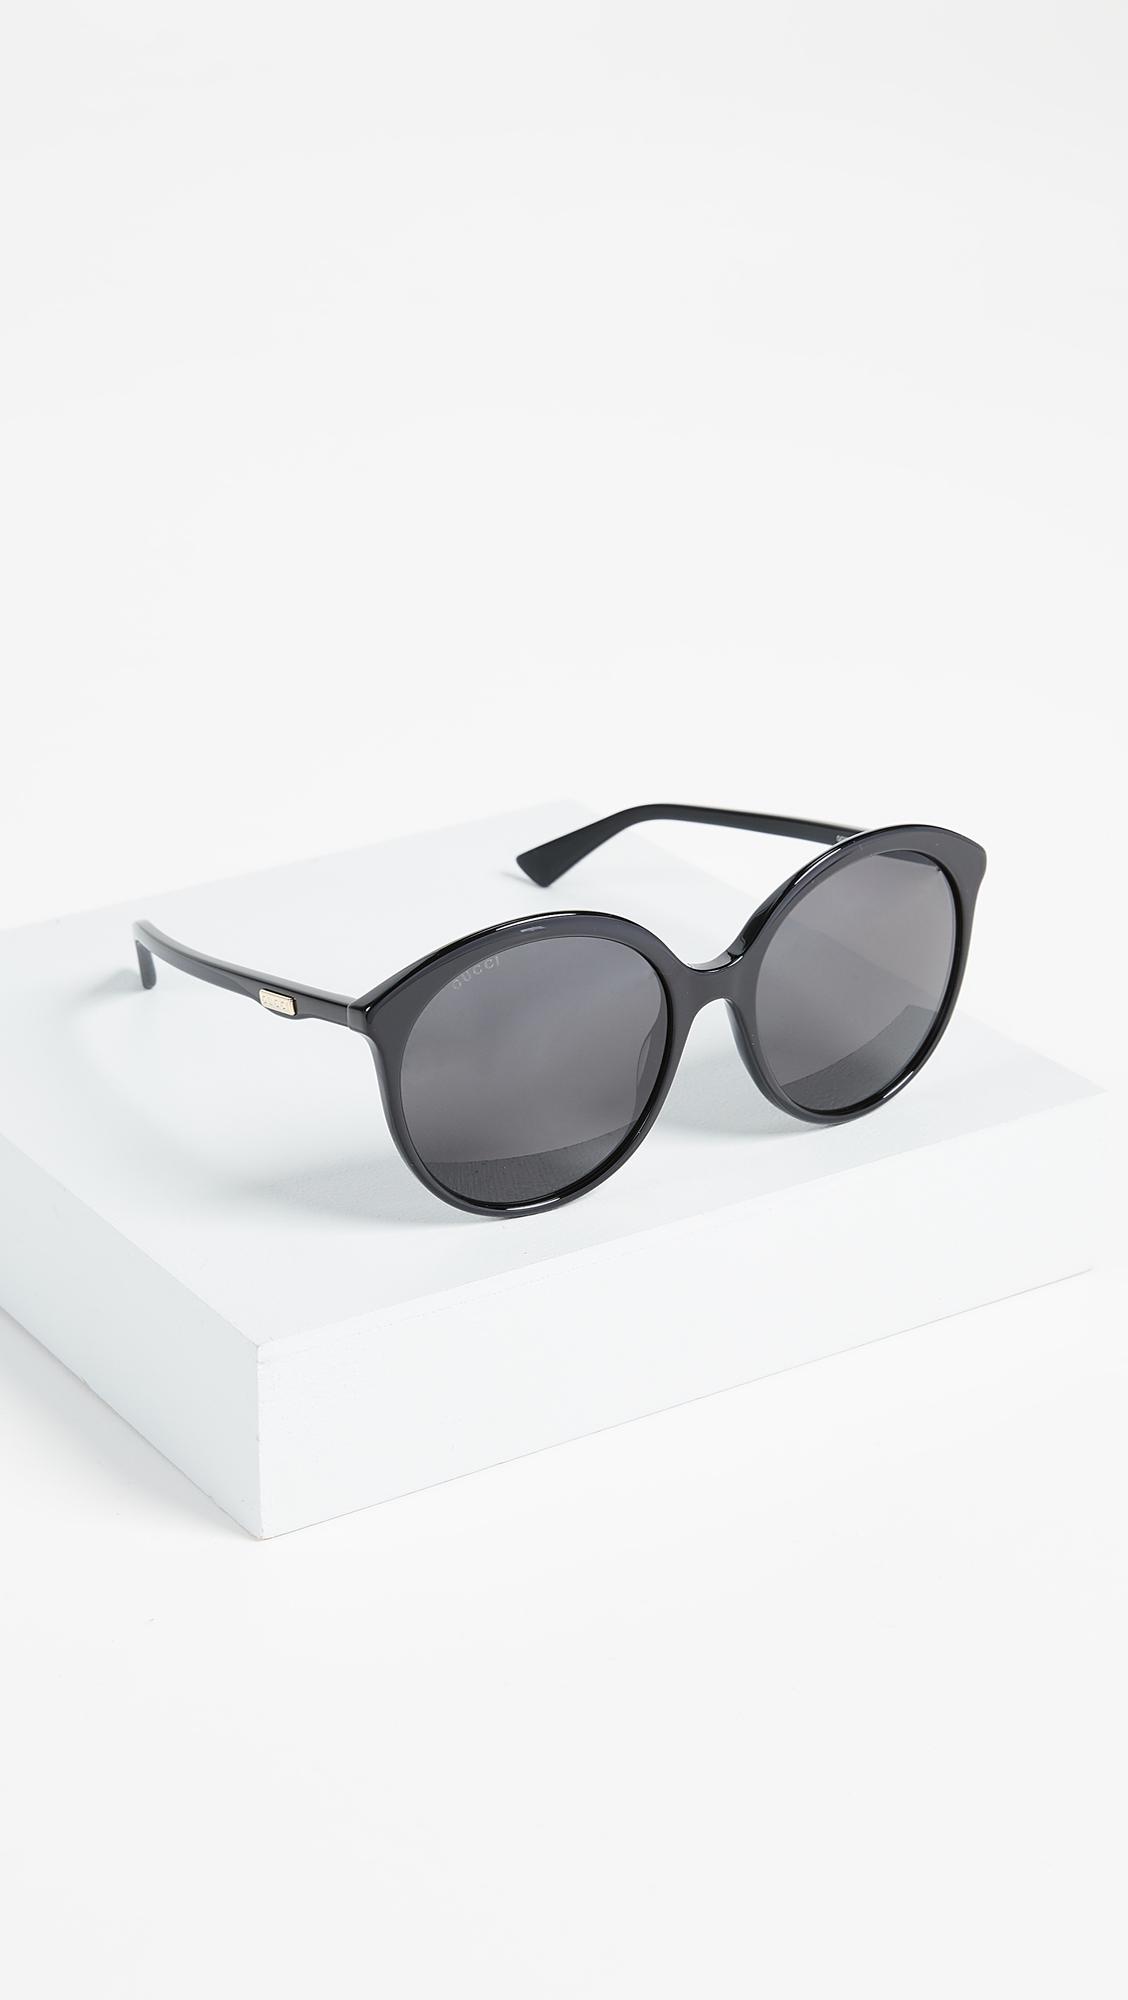 a5fd13e8f8 Gucci Round Monocolor Sunglasses